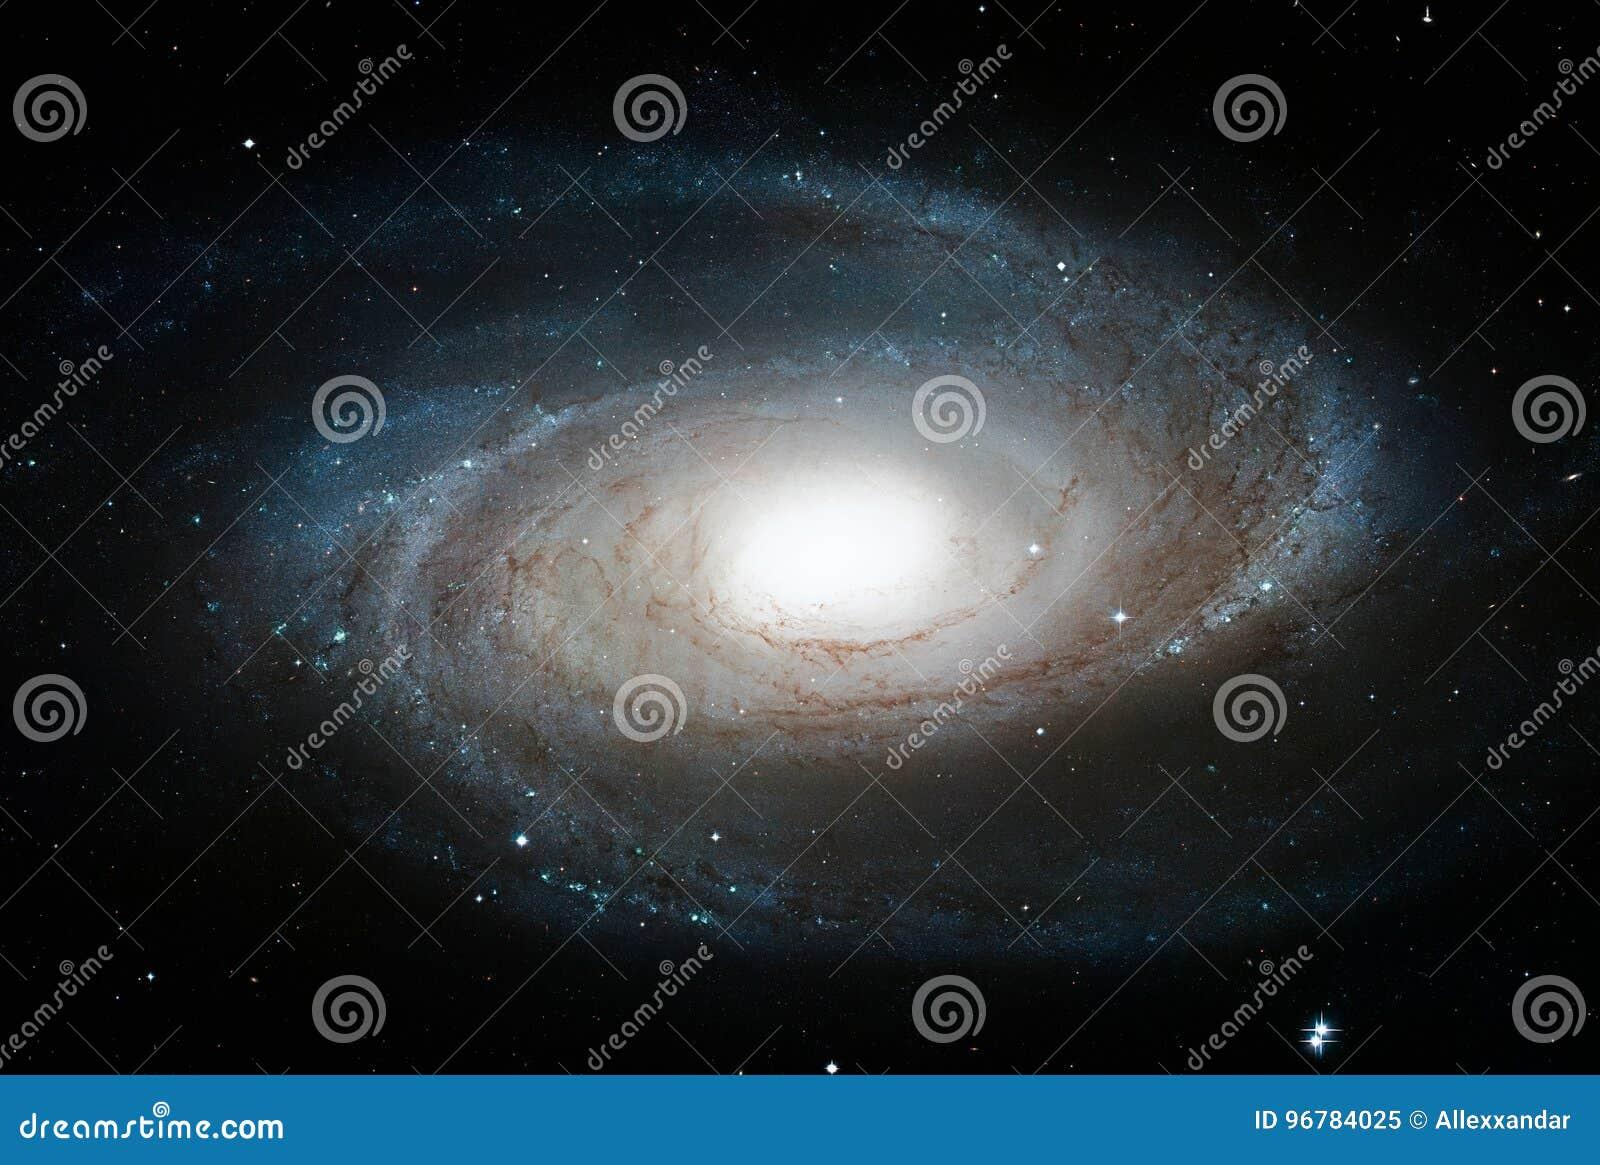 Prophezeien Sie ` s Galaxie, M81, Spiralarm in der Konstellation Ursa Major